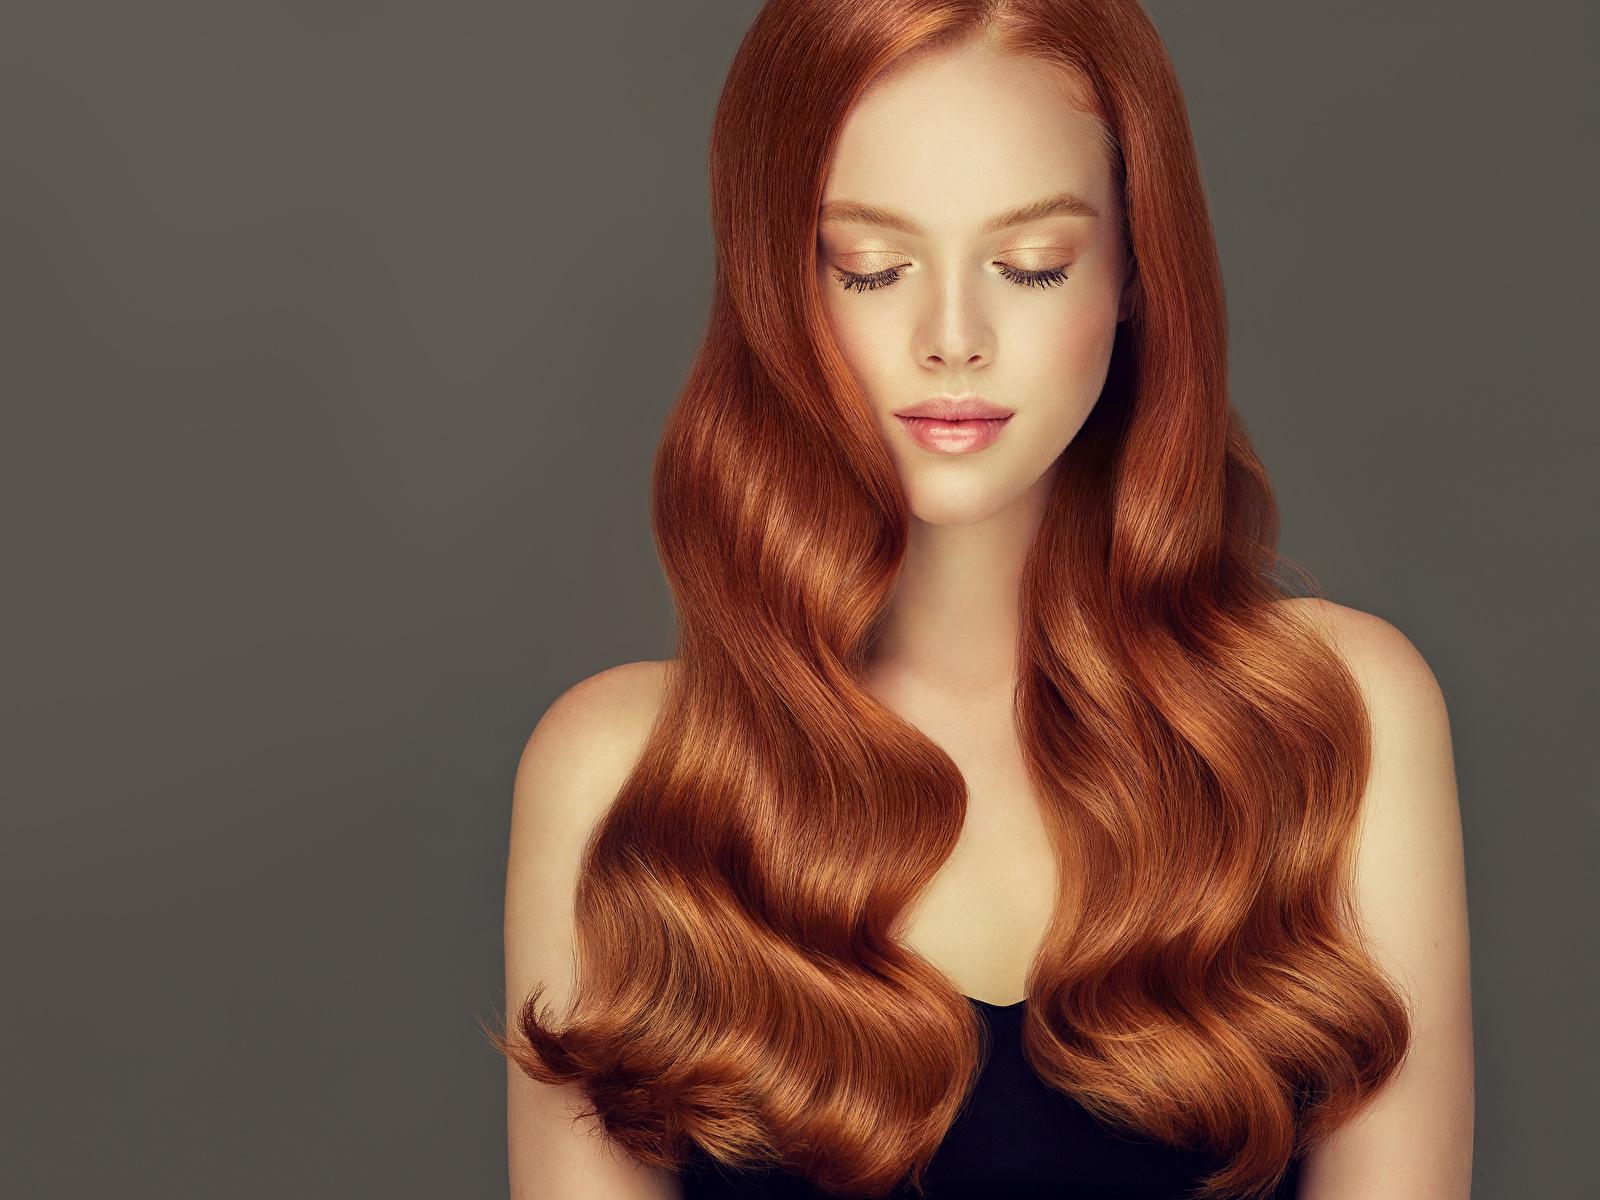 Receitas naturais de desmaia cabelo que também vão hidratar e reparar